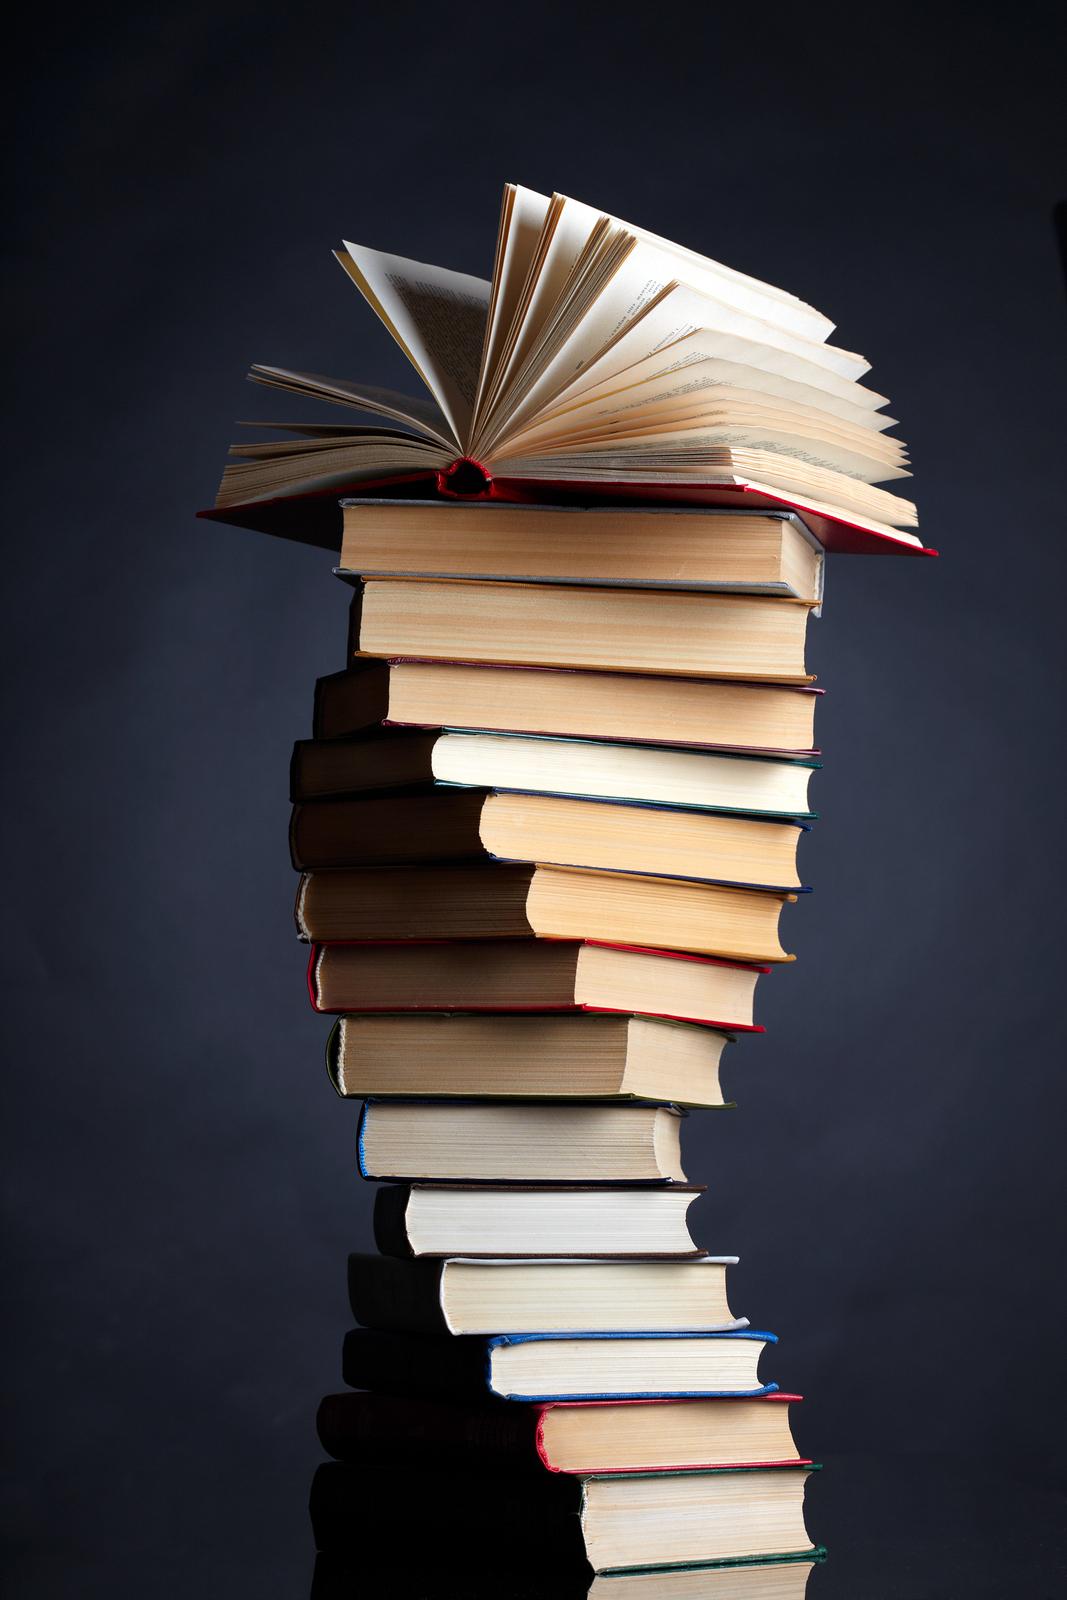 bigstock-Pile-of-books-on-a-black-backg-15350390.jpg